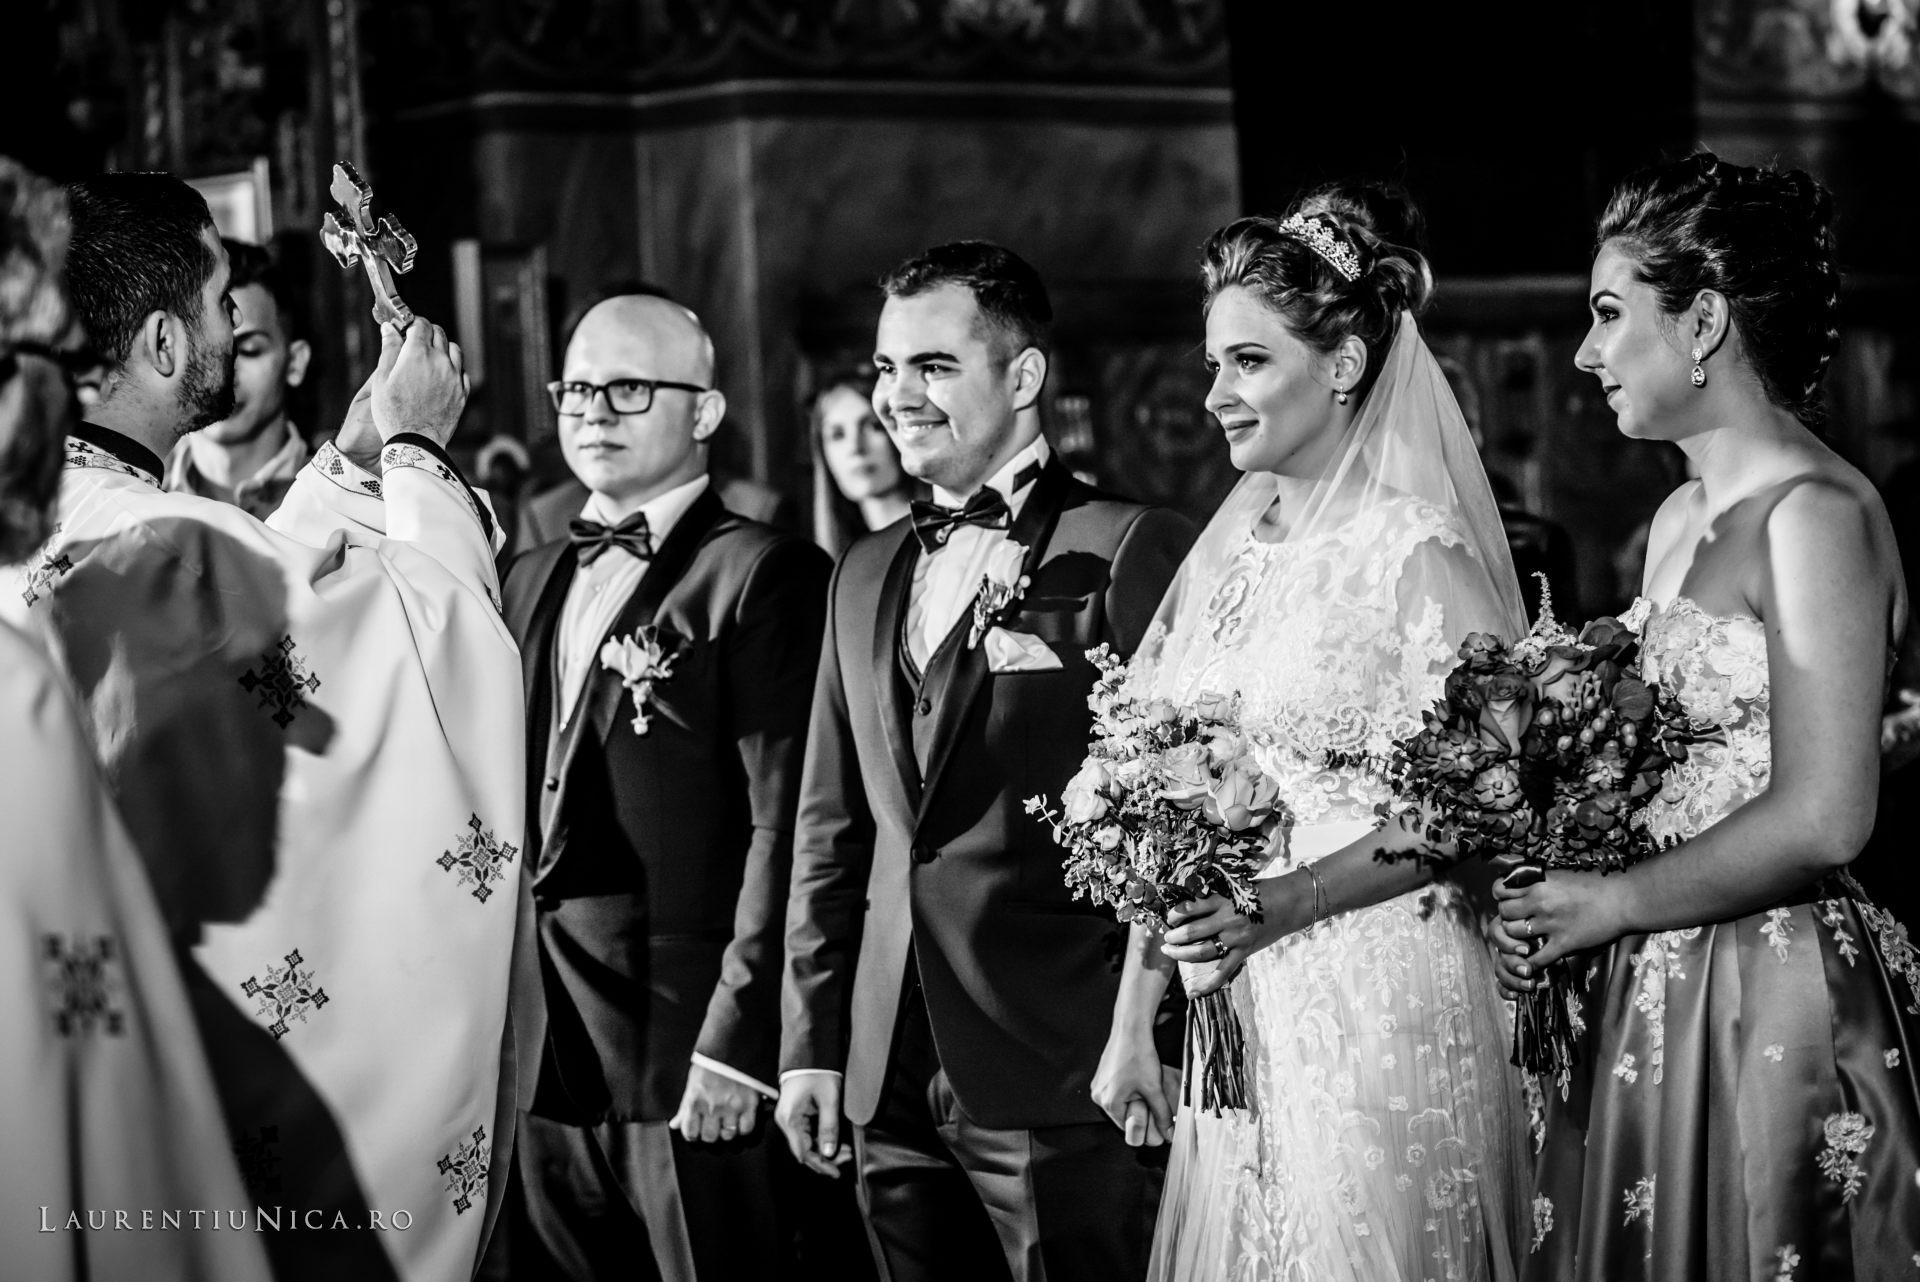 denisa si catalin fotograf nunta laurentiu nica craiova 50 - Denisa si Catalin | Fotografii nunta | Craiova